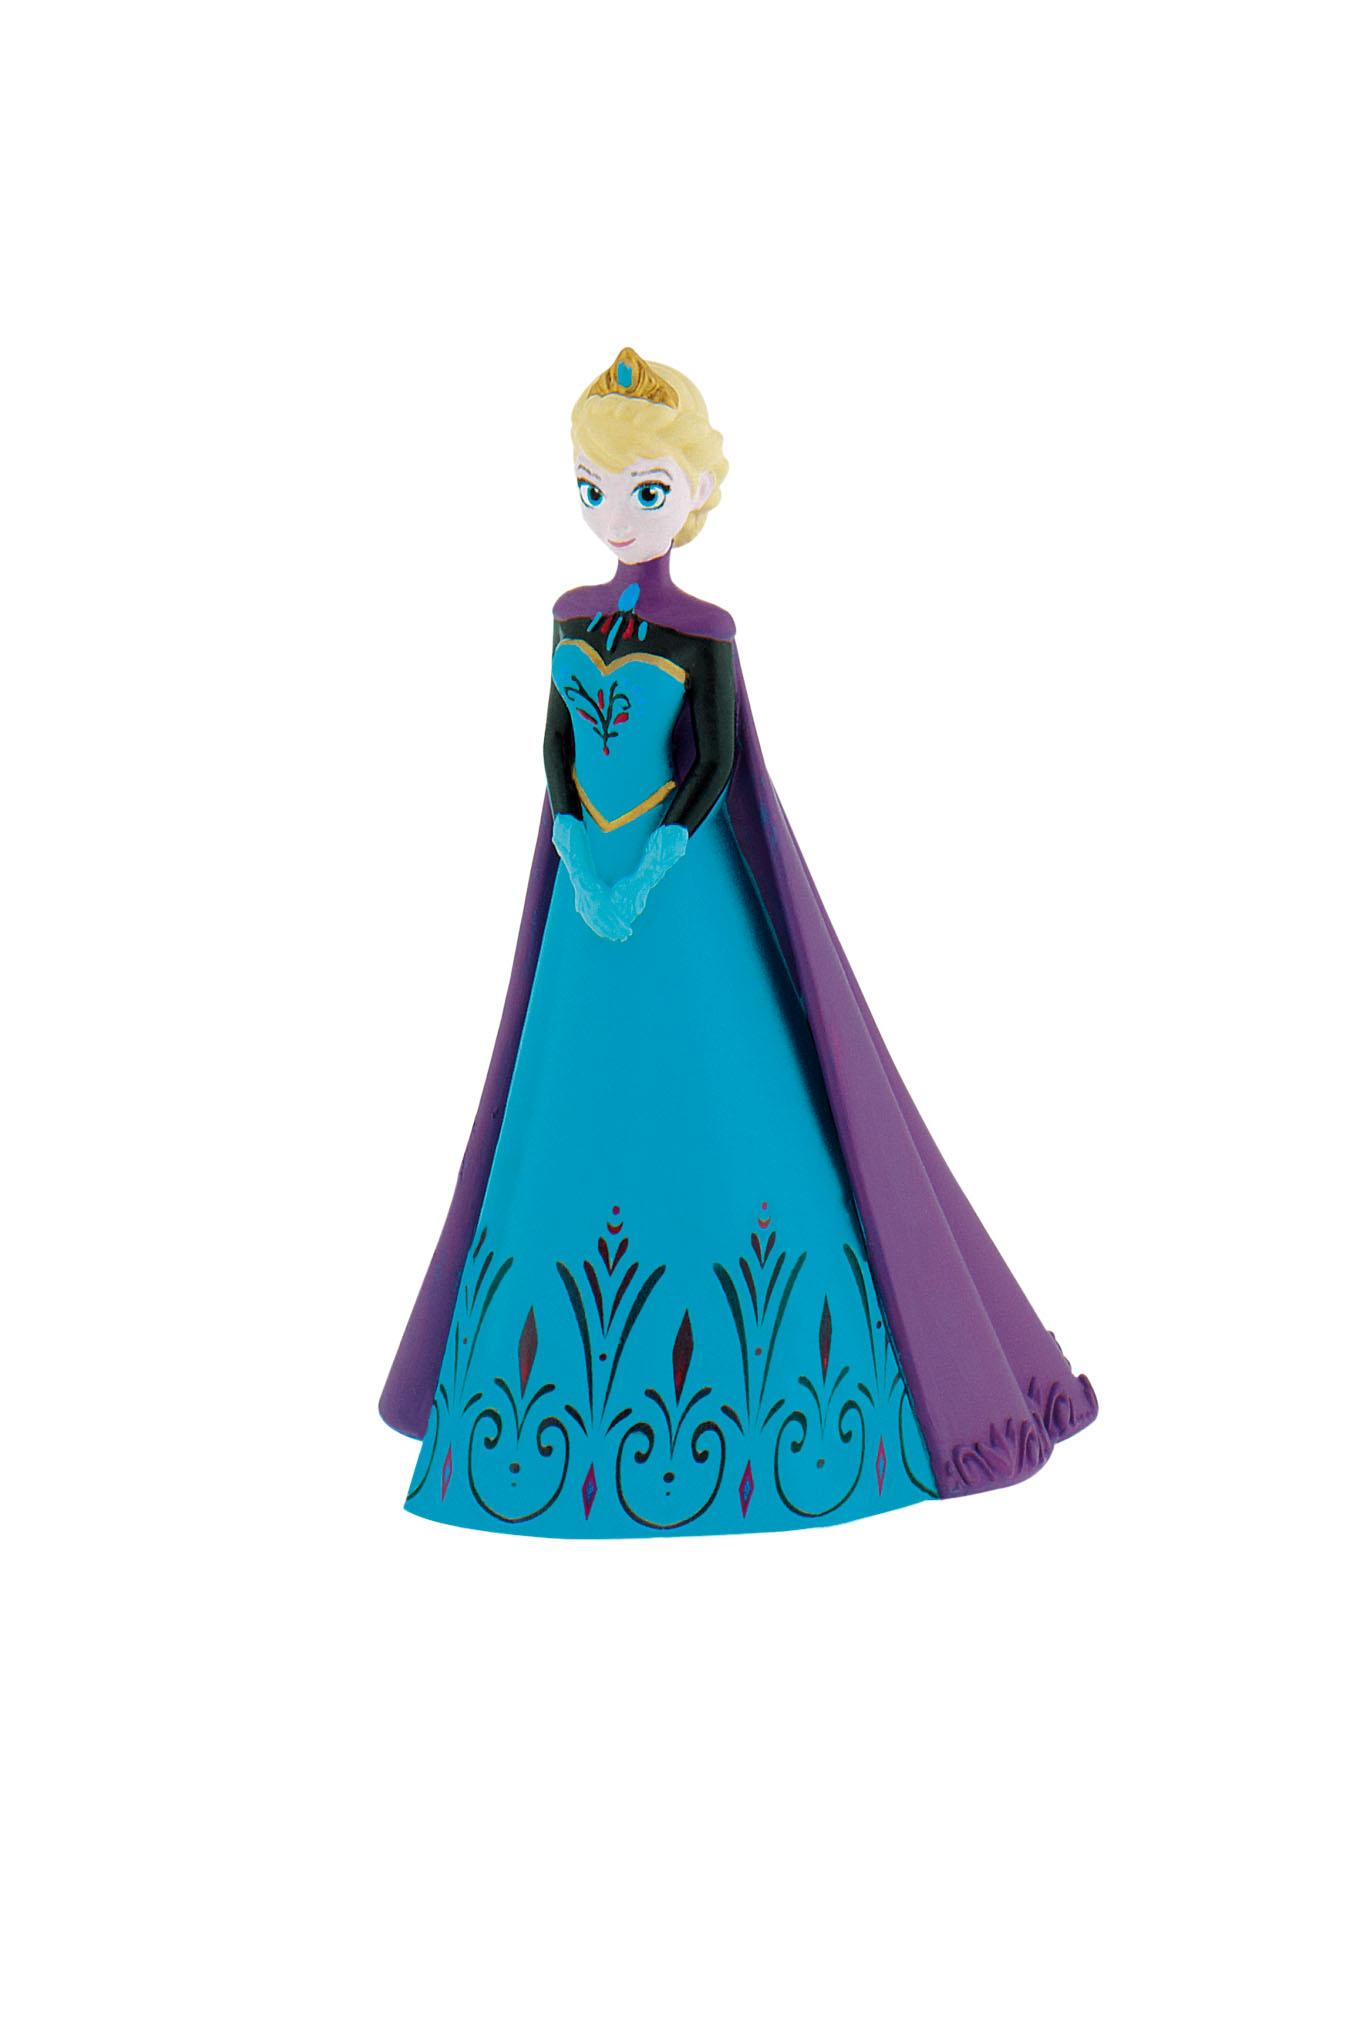 Figurine La Reine Des Neiges Disney - Elsa ave cape - 12 cm